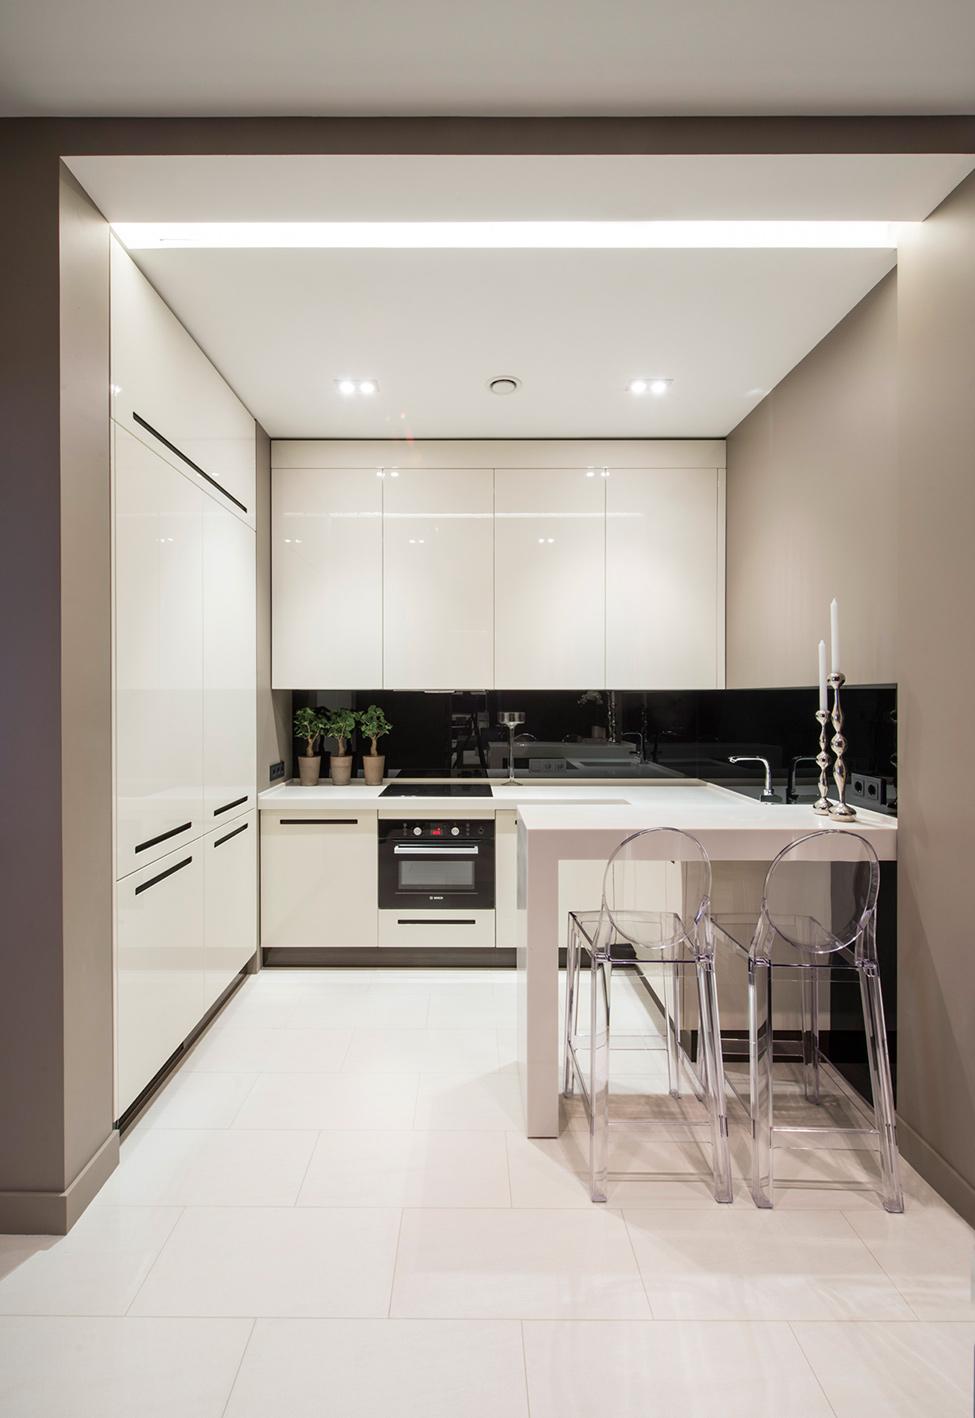 apartament-s-minimalistichen-interior-ot-aleksandra-fedorova-2g